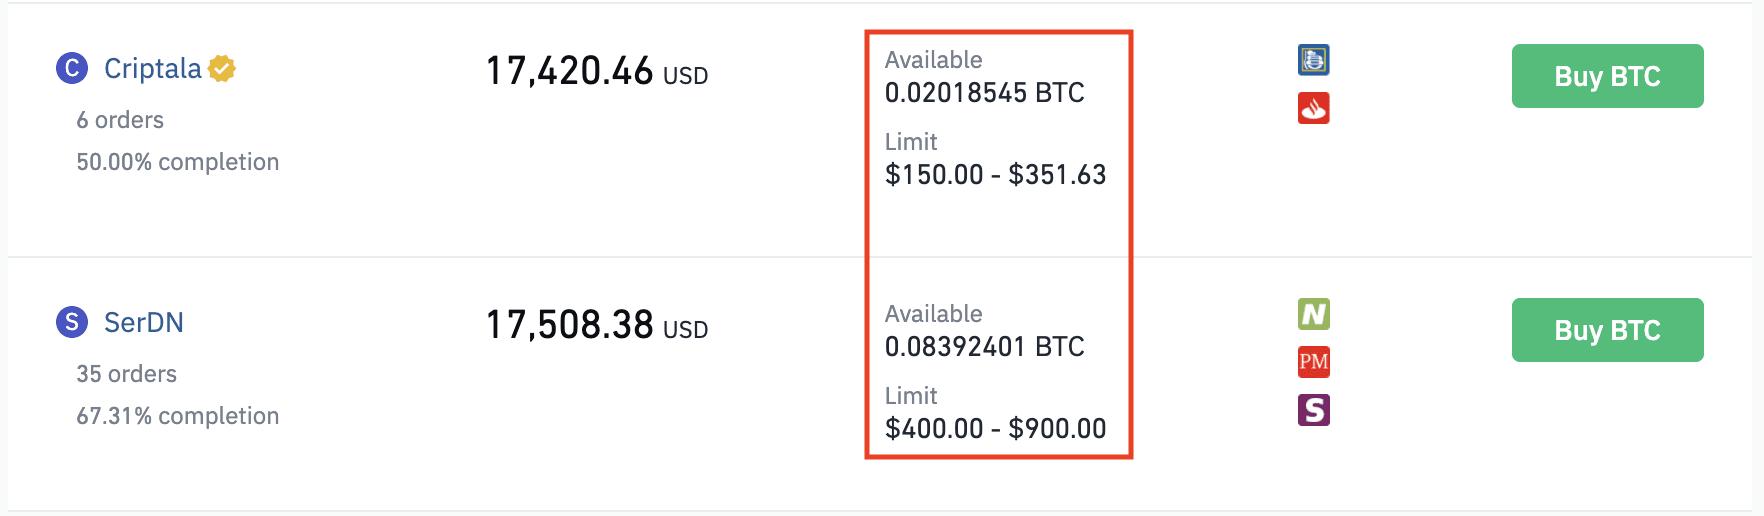 prekyba bitcoin už monero nėra invest bitcoin casino bonus